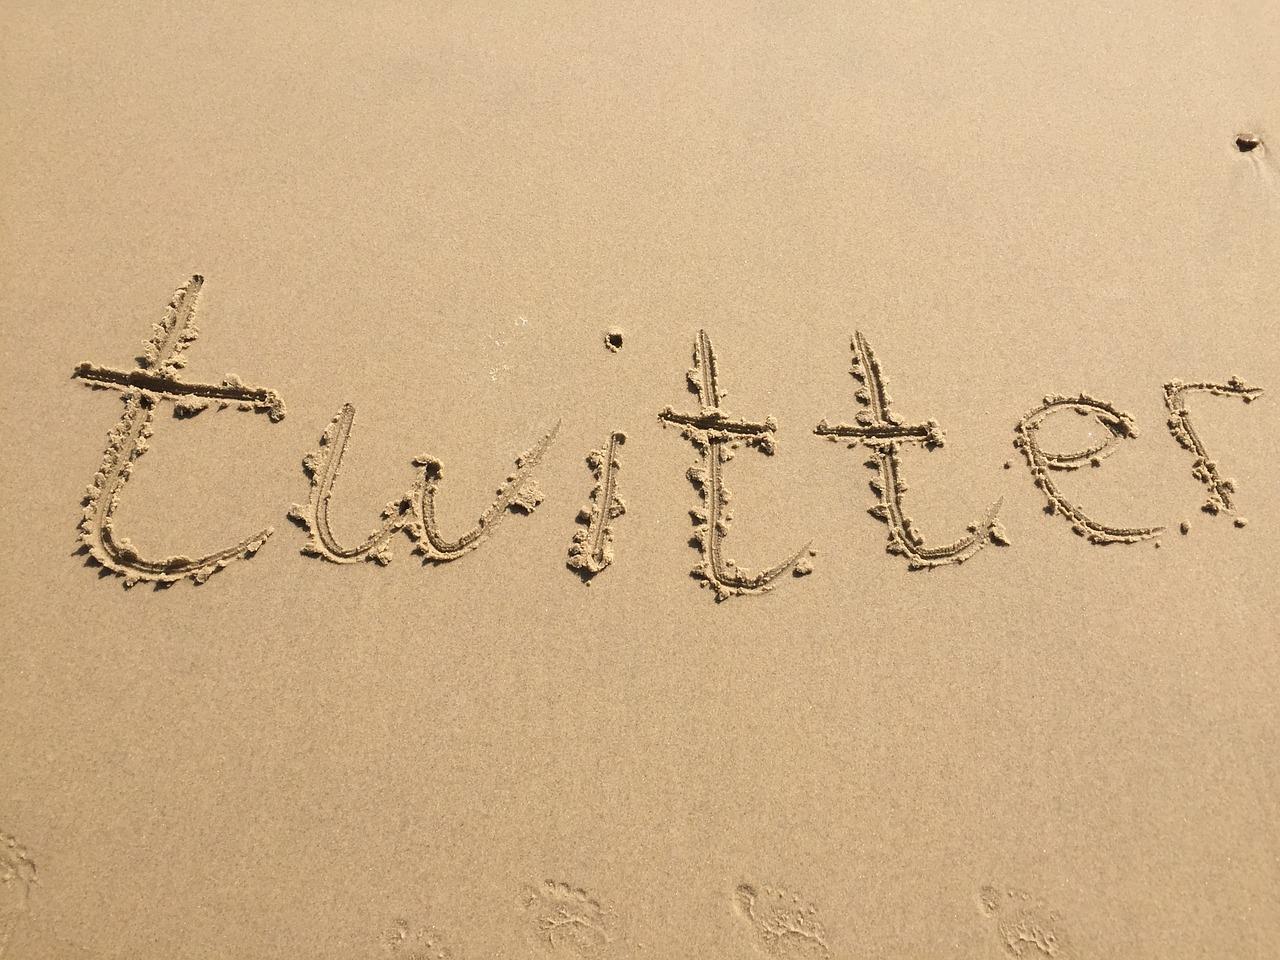 砂で書いたTwitterの文字